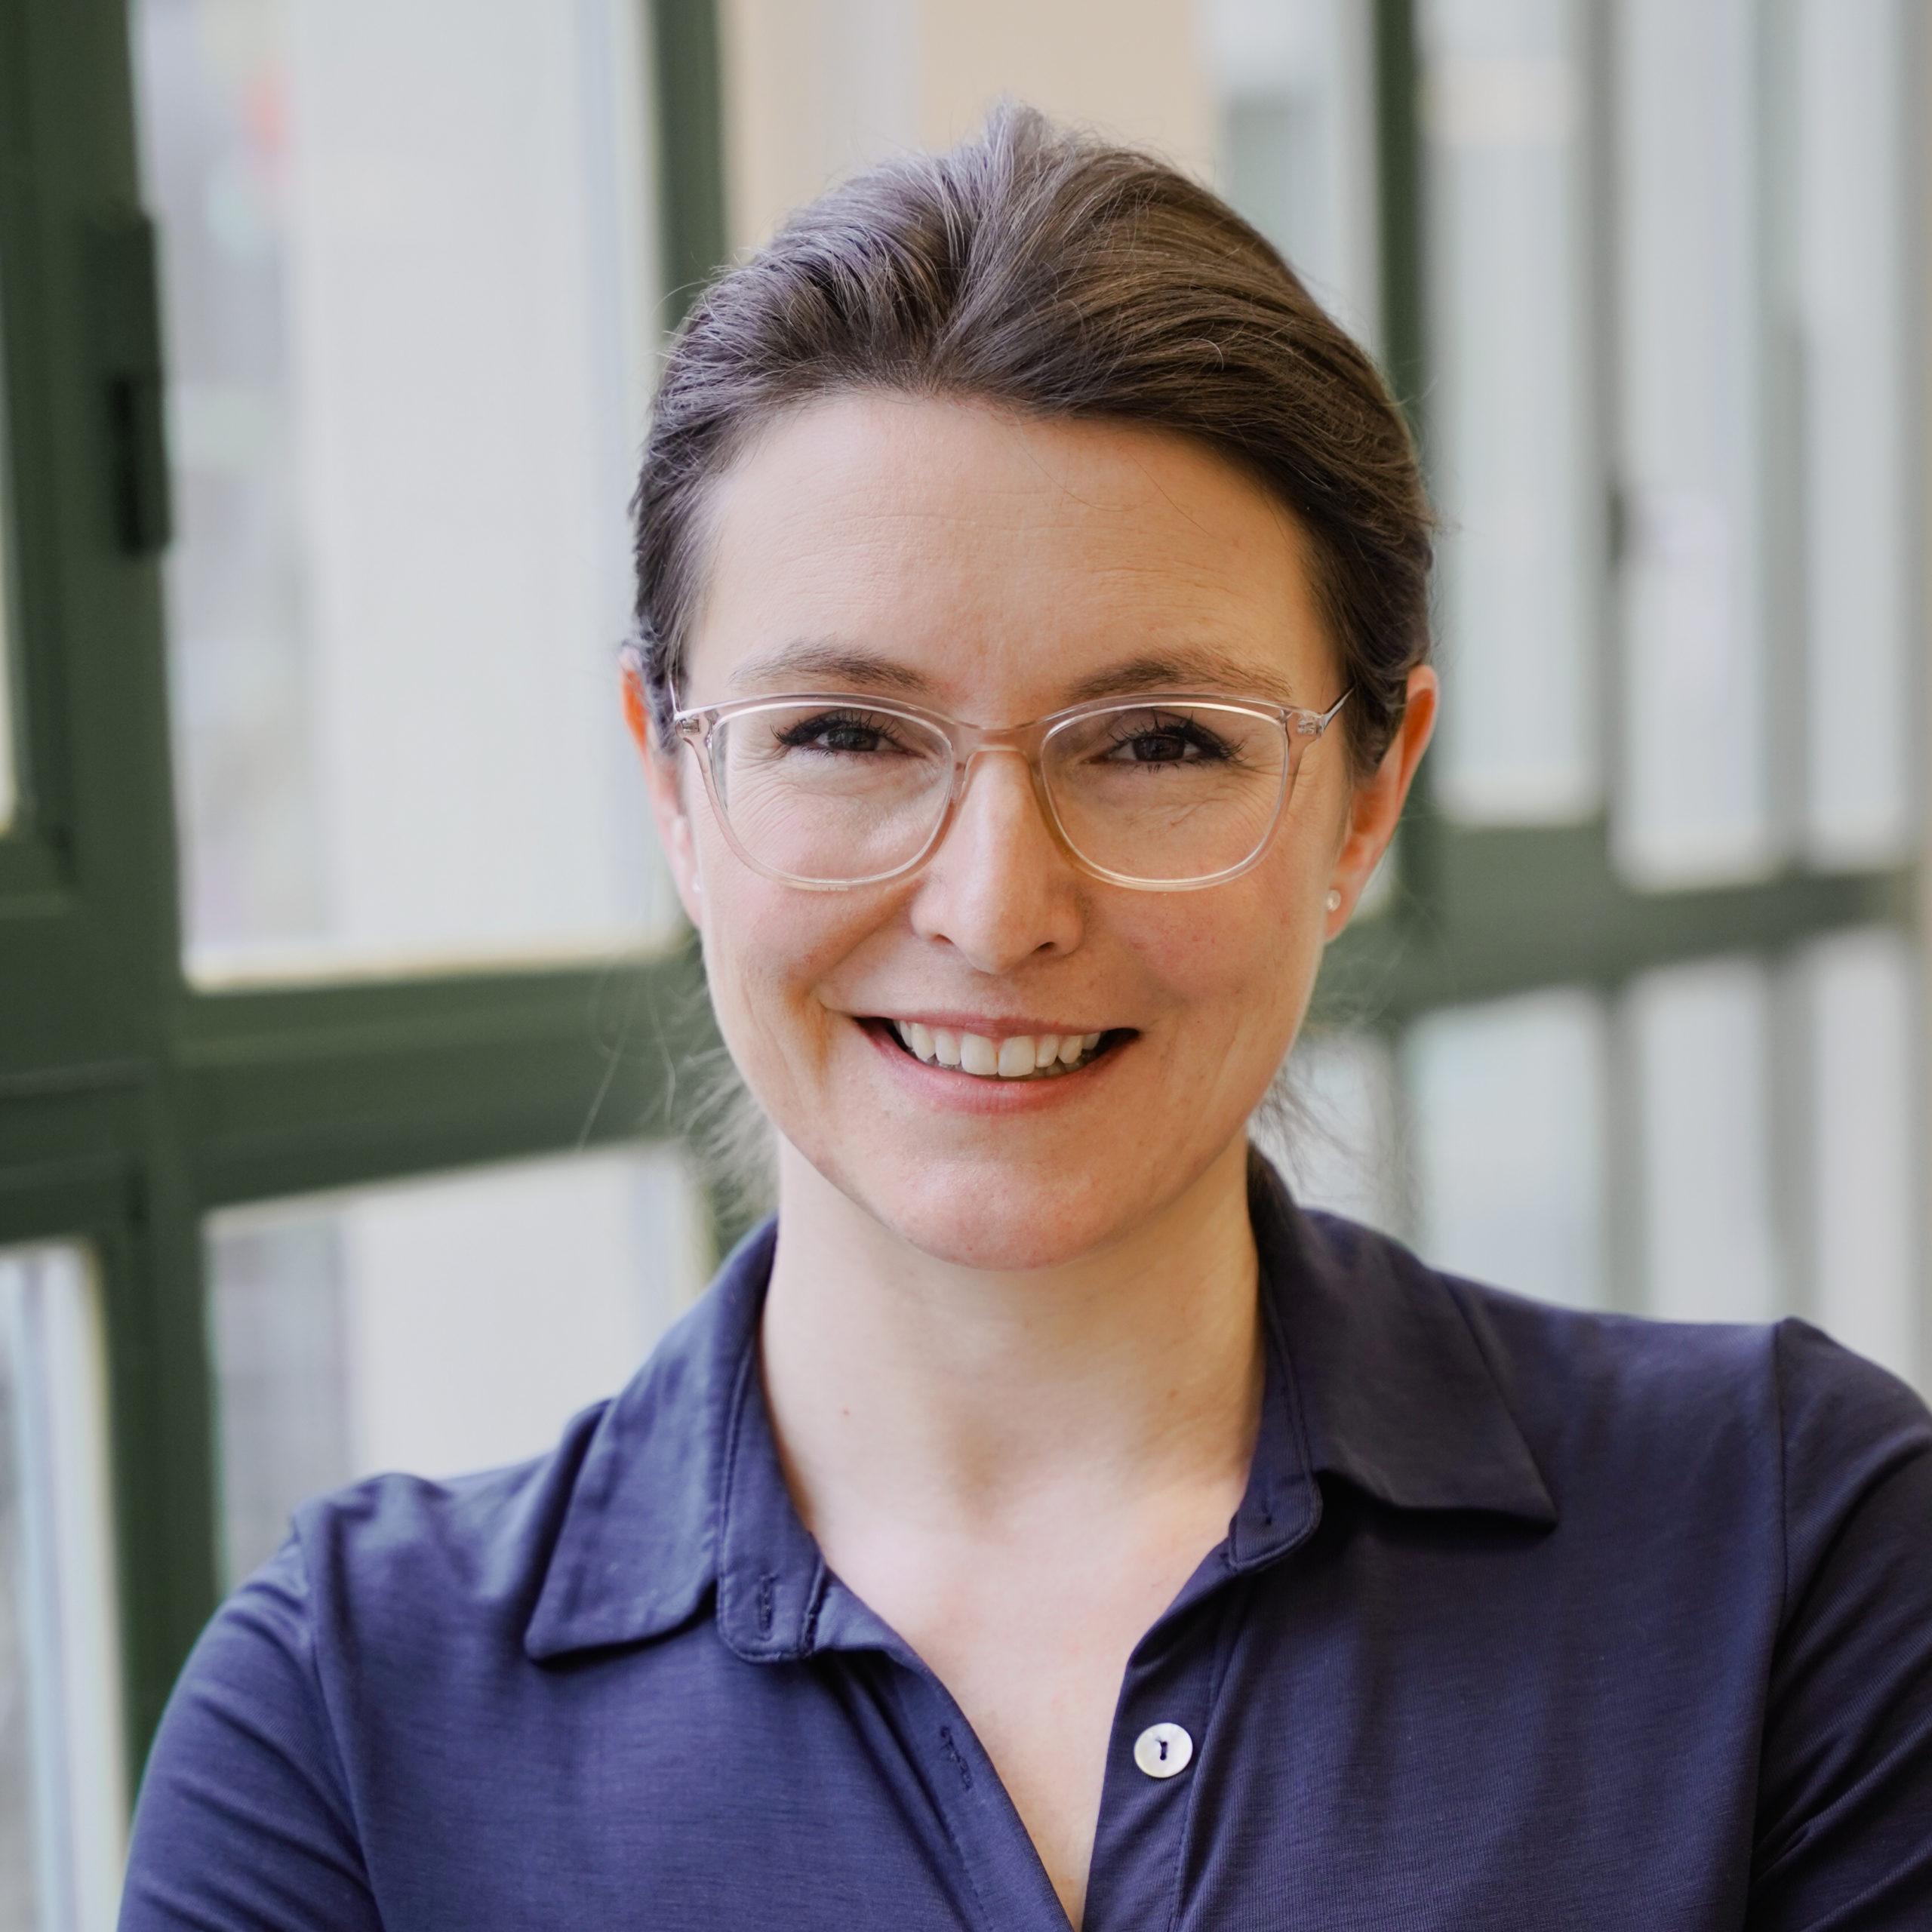 Claudia Linke